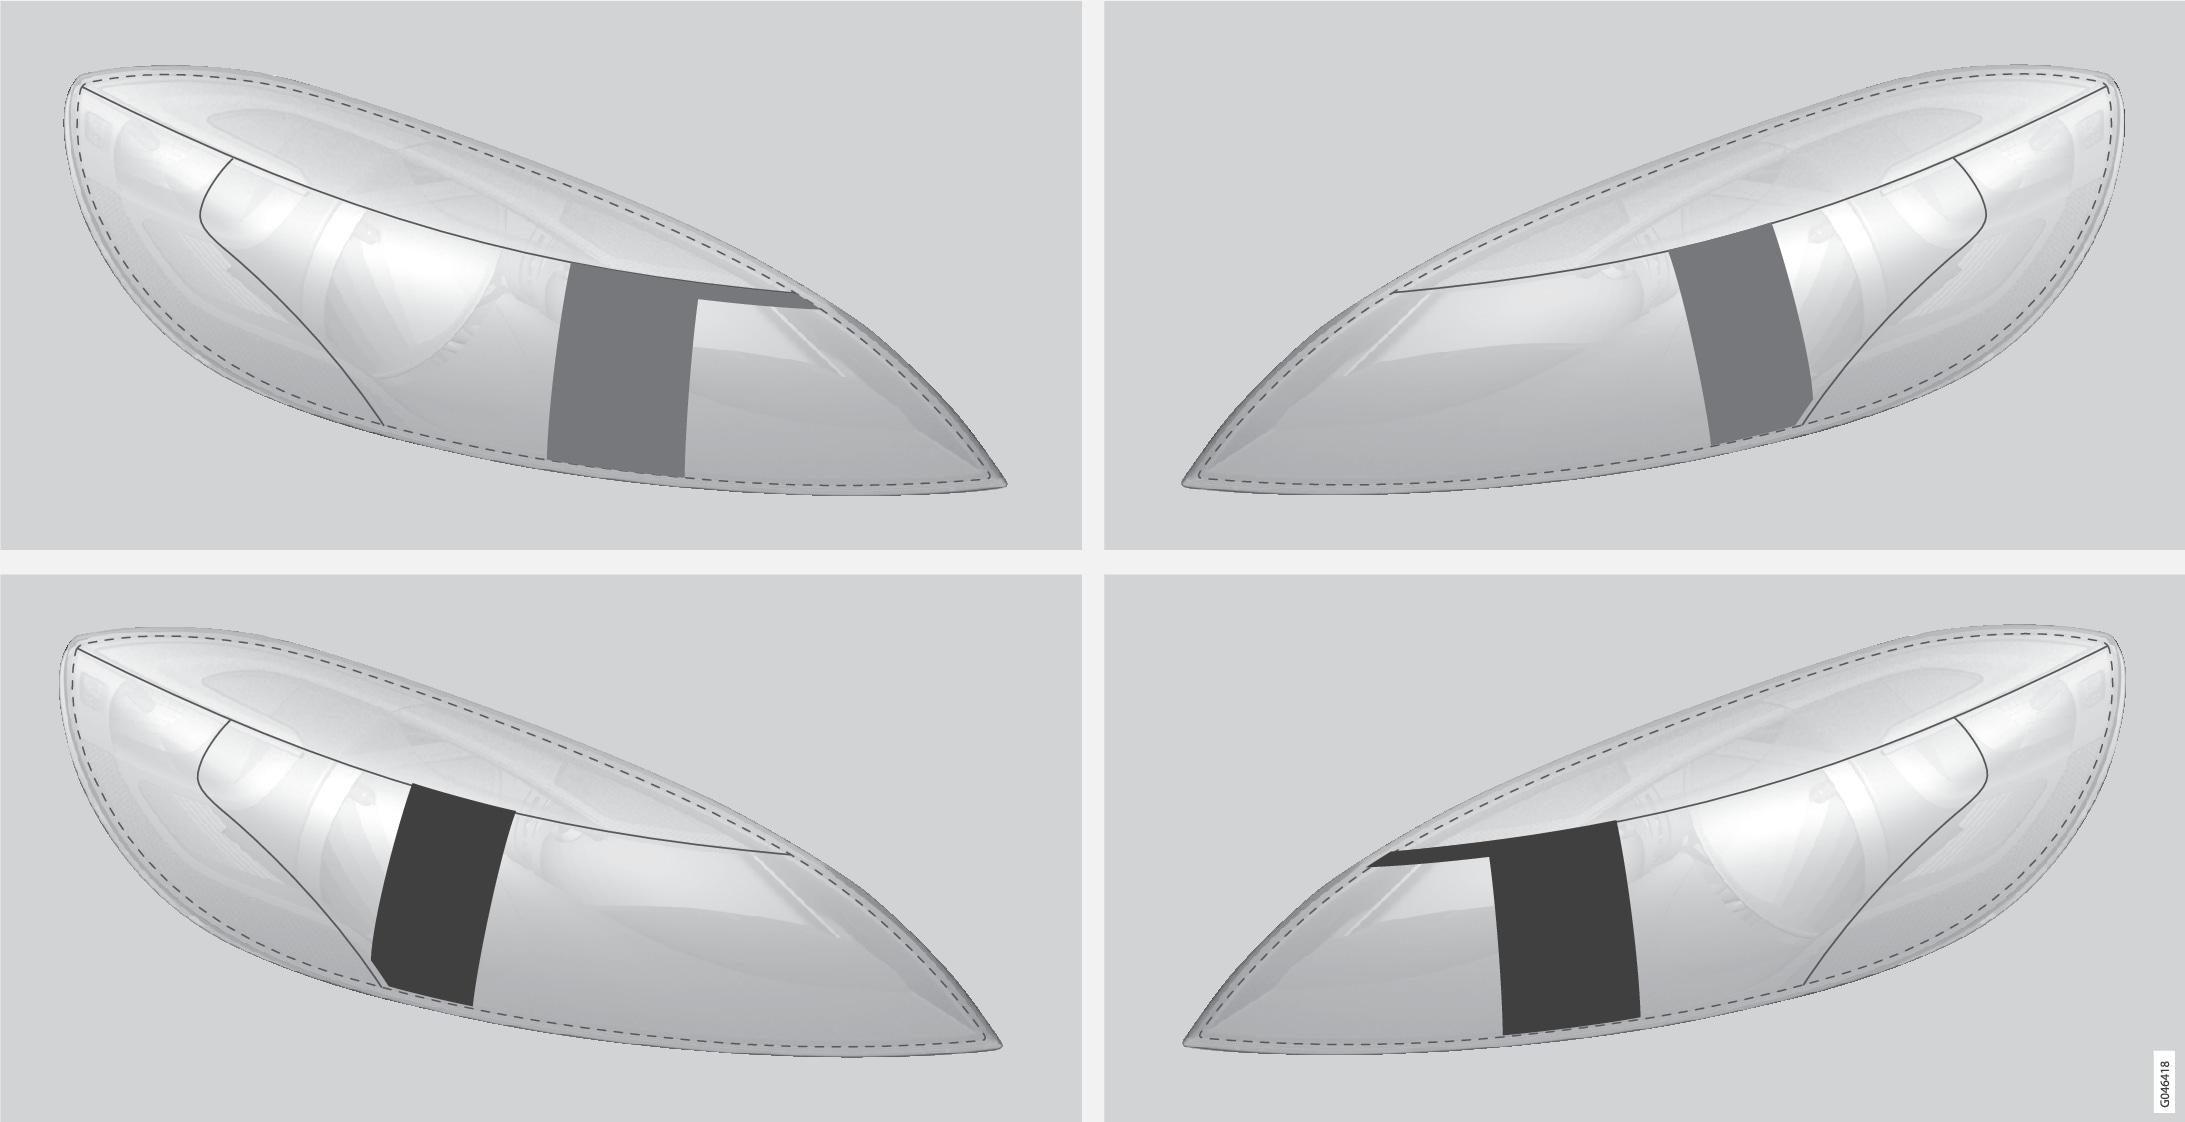 P4-1220-Y55X Masking halogen headlights